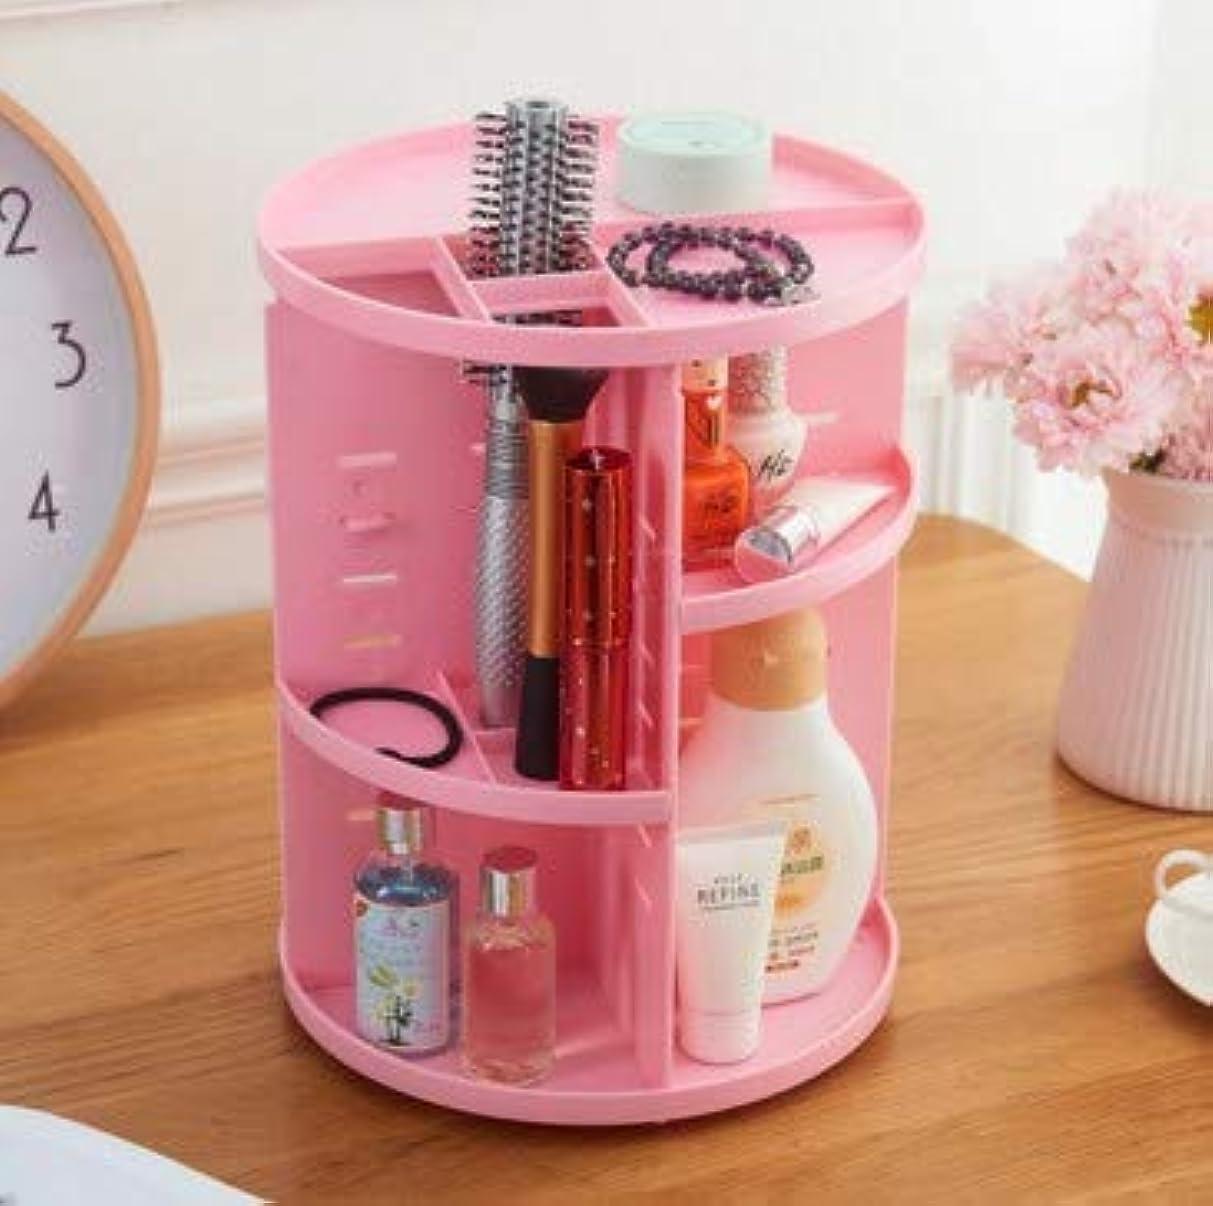 モードマラドロイト上院デスクトップロータリー収納ボックス多機能プラスチックバスルーム仕上げボックス化粧品収納ボックス (Color : ピンク)